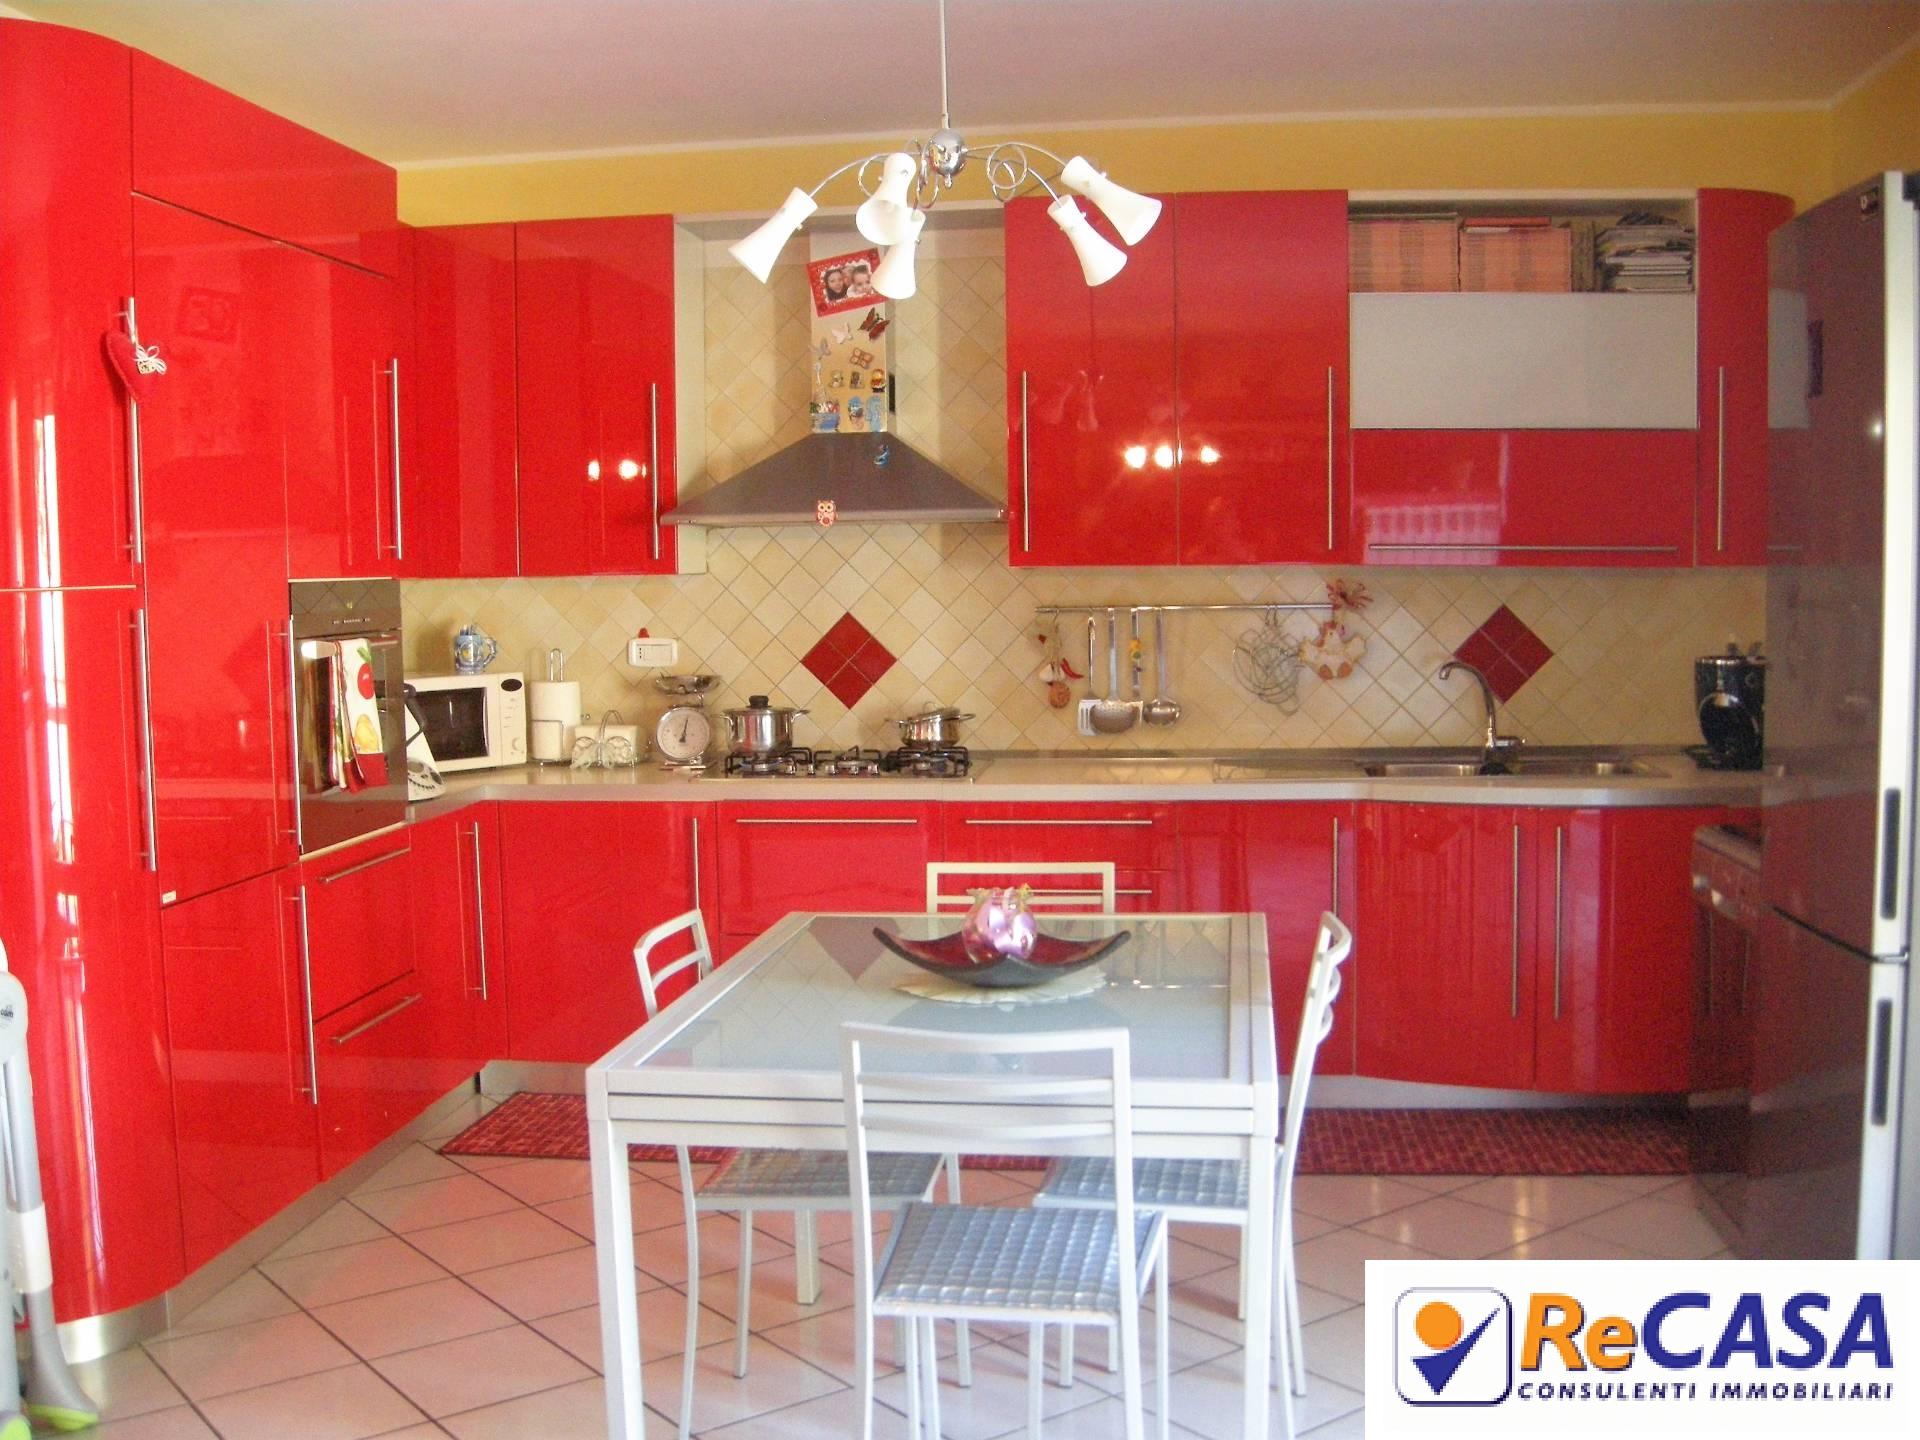 Appartamento in vendita a Montecorvino Rovella, 4 locali, zona Zona: Martorano, prezzo € 110.000   CambioCasa.it